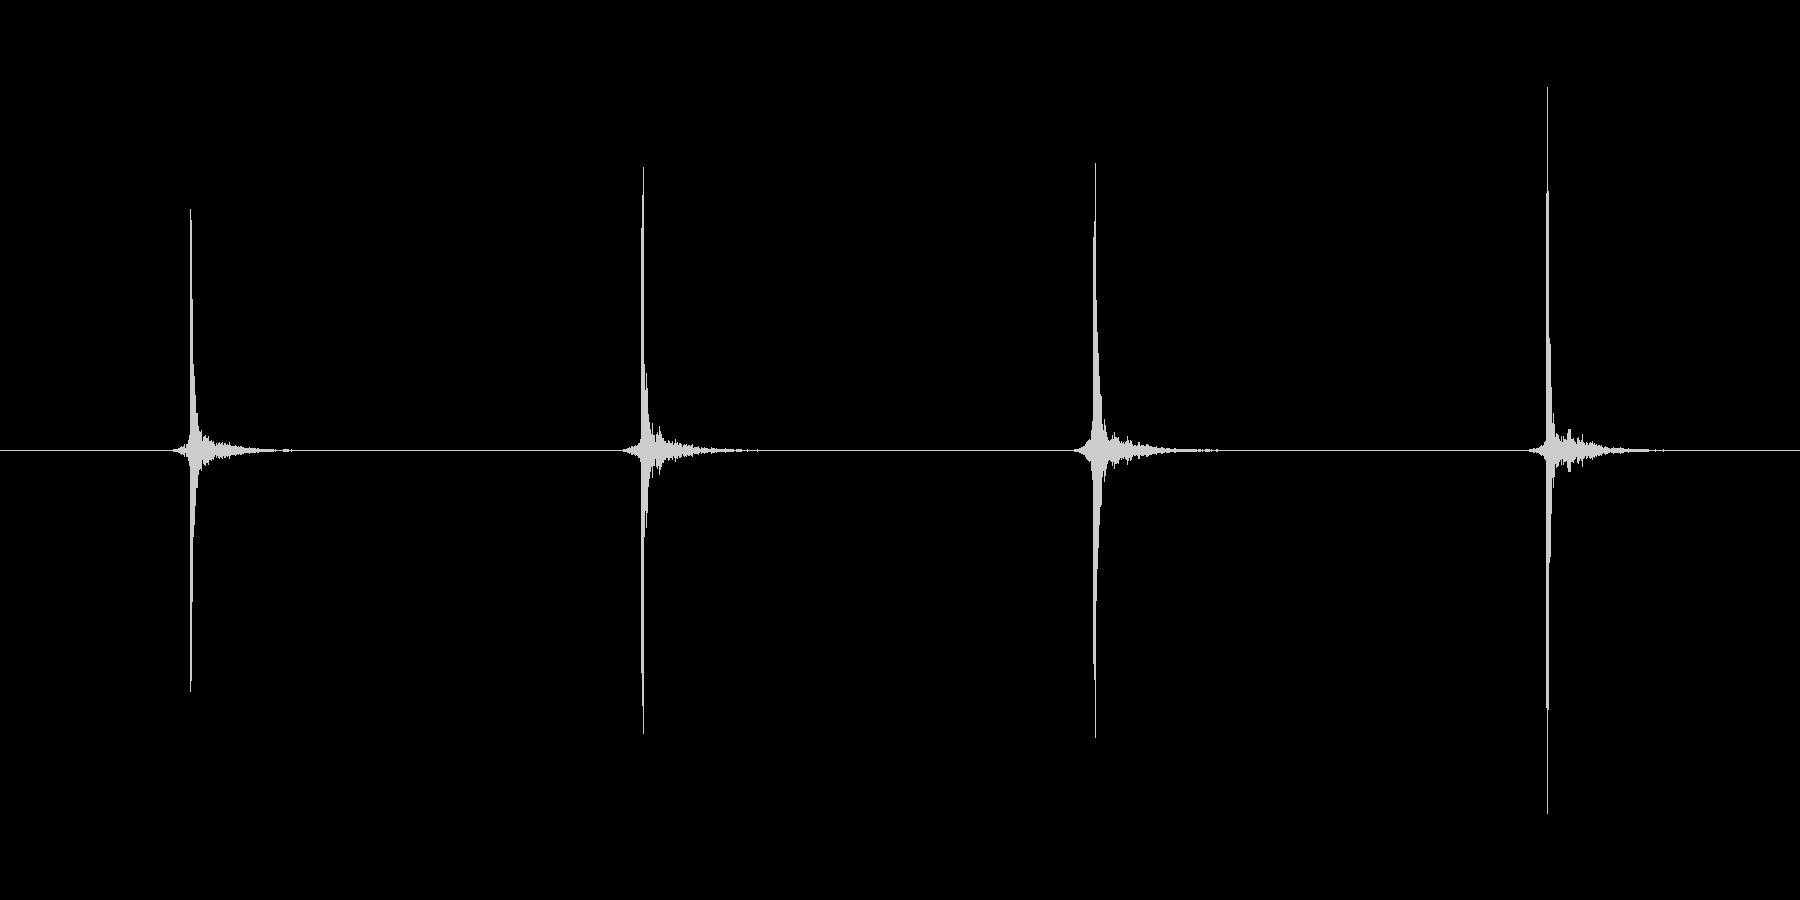 ドラムスティックカウント4(モノラル)の未再生の波形